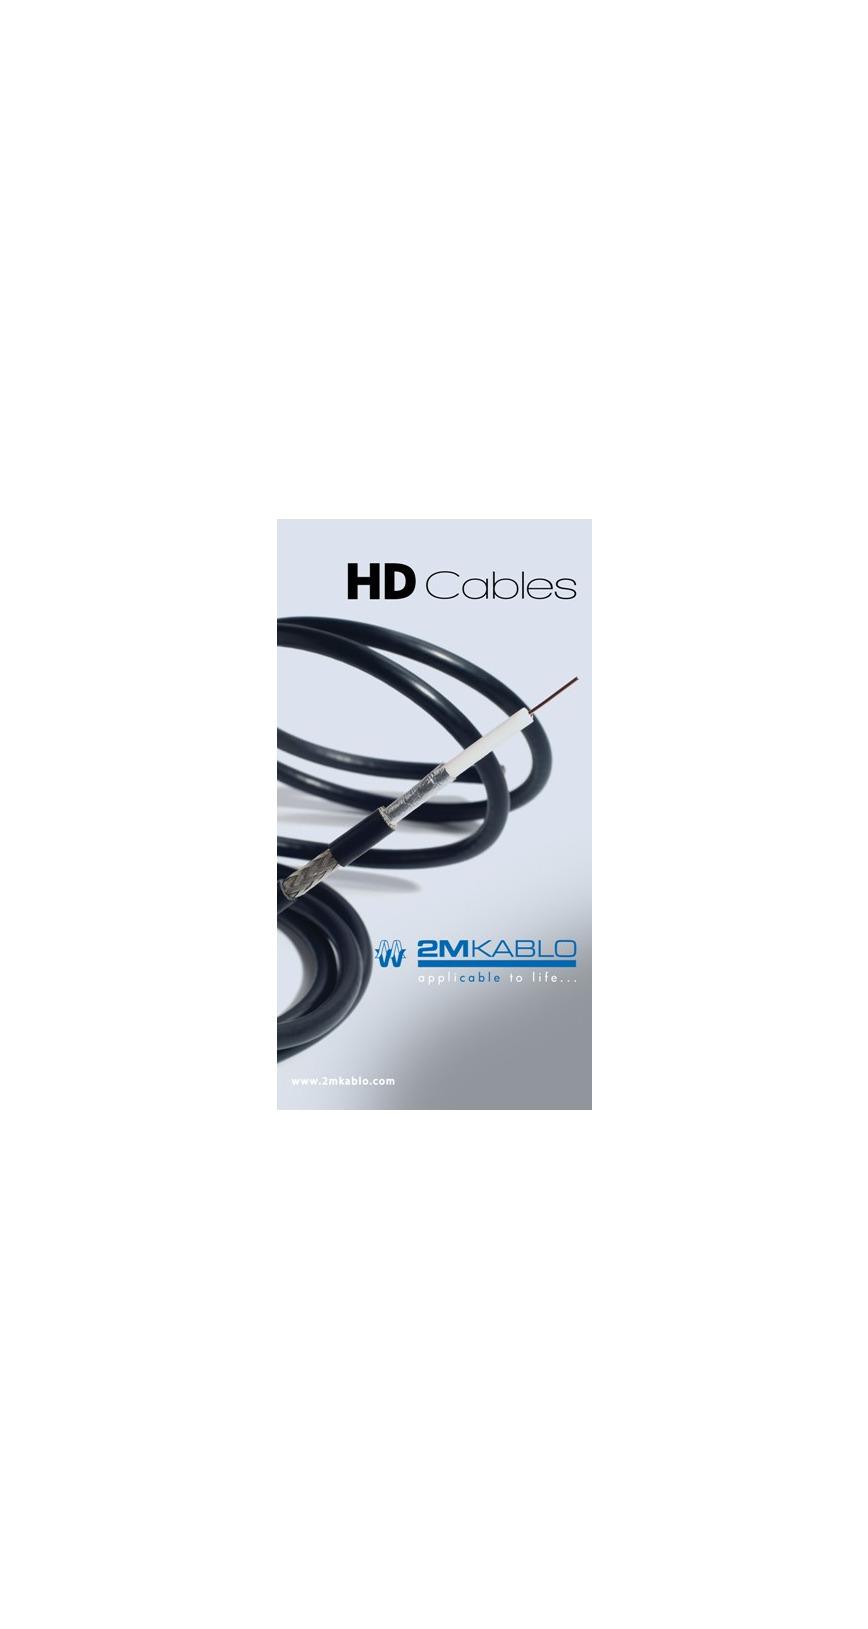 Logo Coaxial Cable